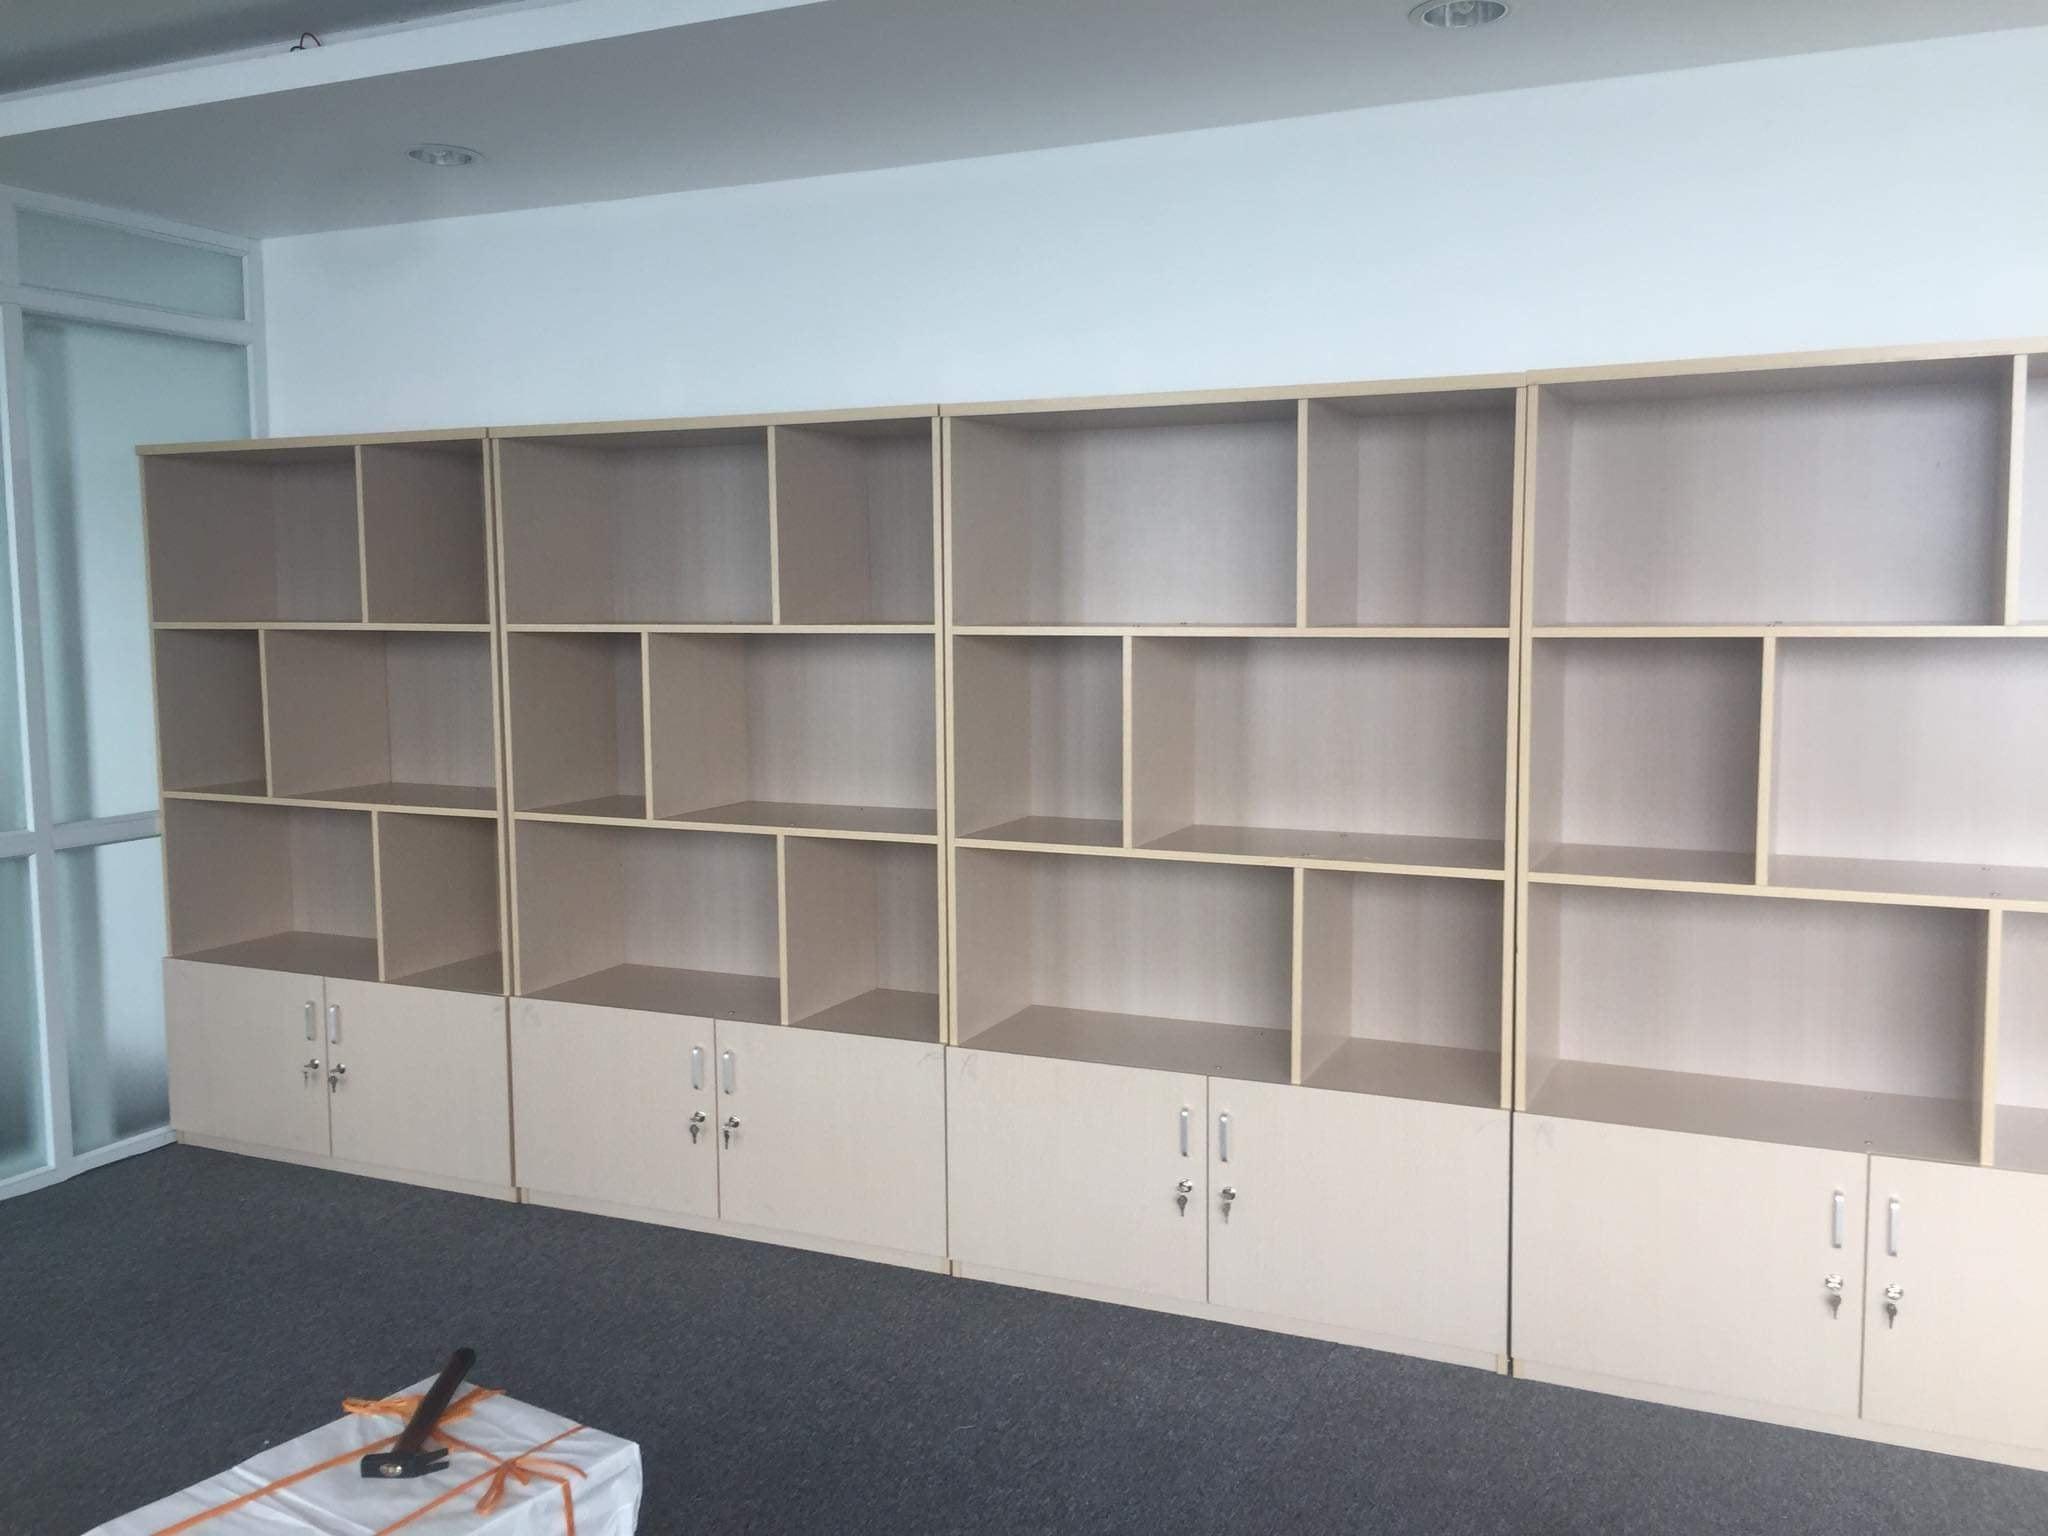 Cách sắp xếp tủ hồ sơ văn phòng khoa học để dễ tìm kiếm